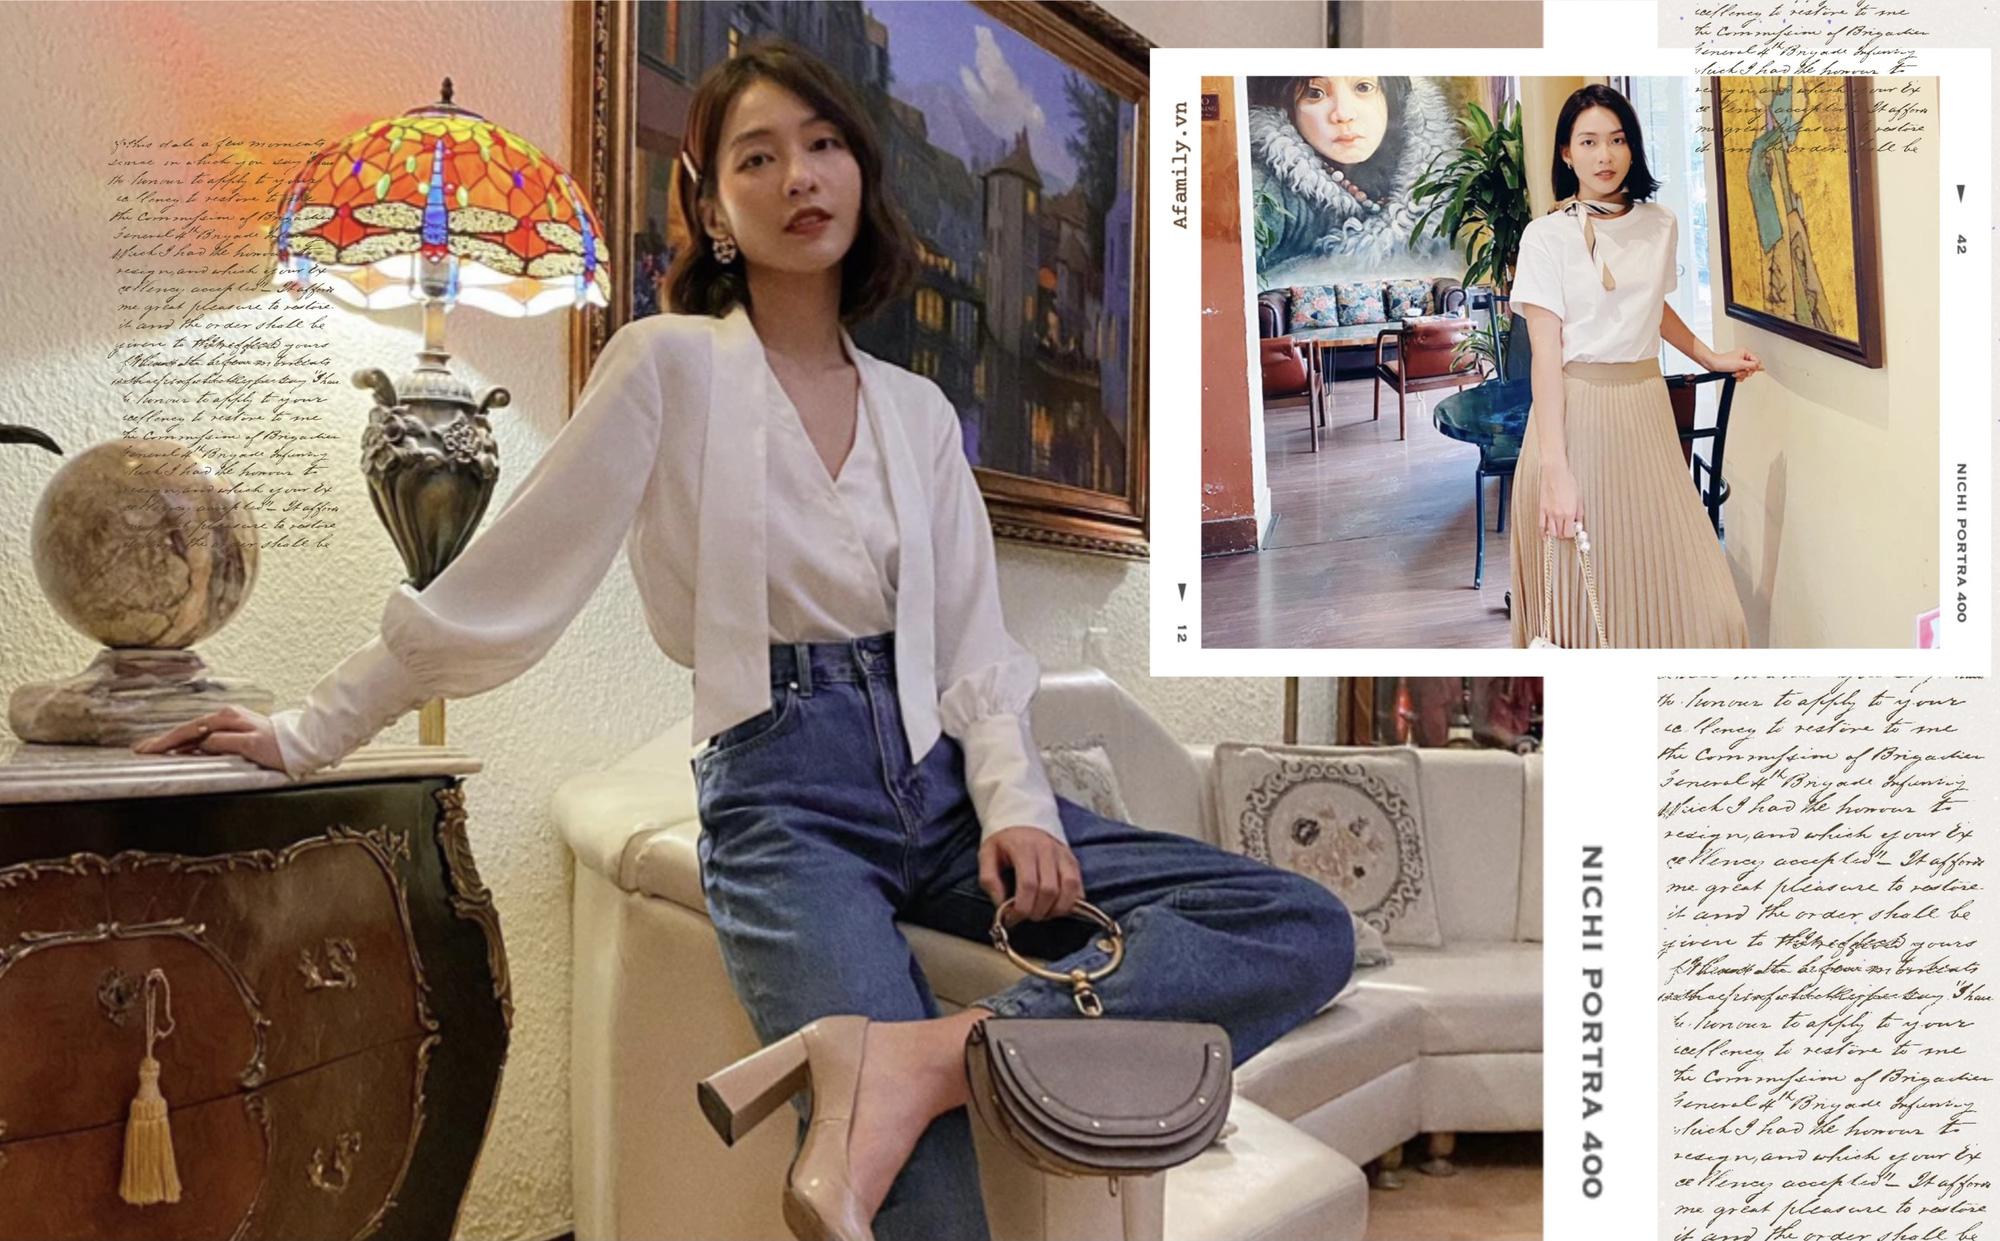 Khả Ngân trong 11 Tháng 5 Ngày có loạt cách diện áo trắng vừa đẹp vừa sang để nàng công sở copy theo - Ảnh 1.